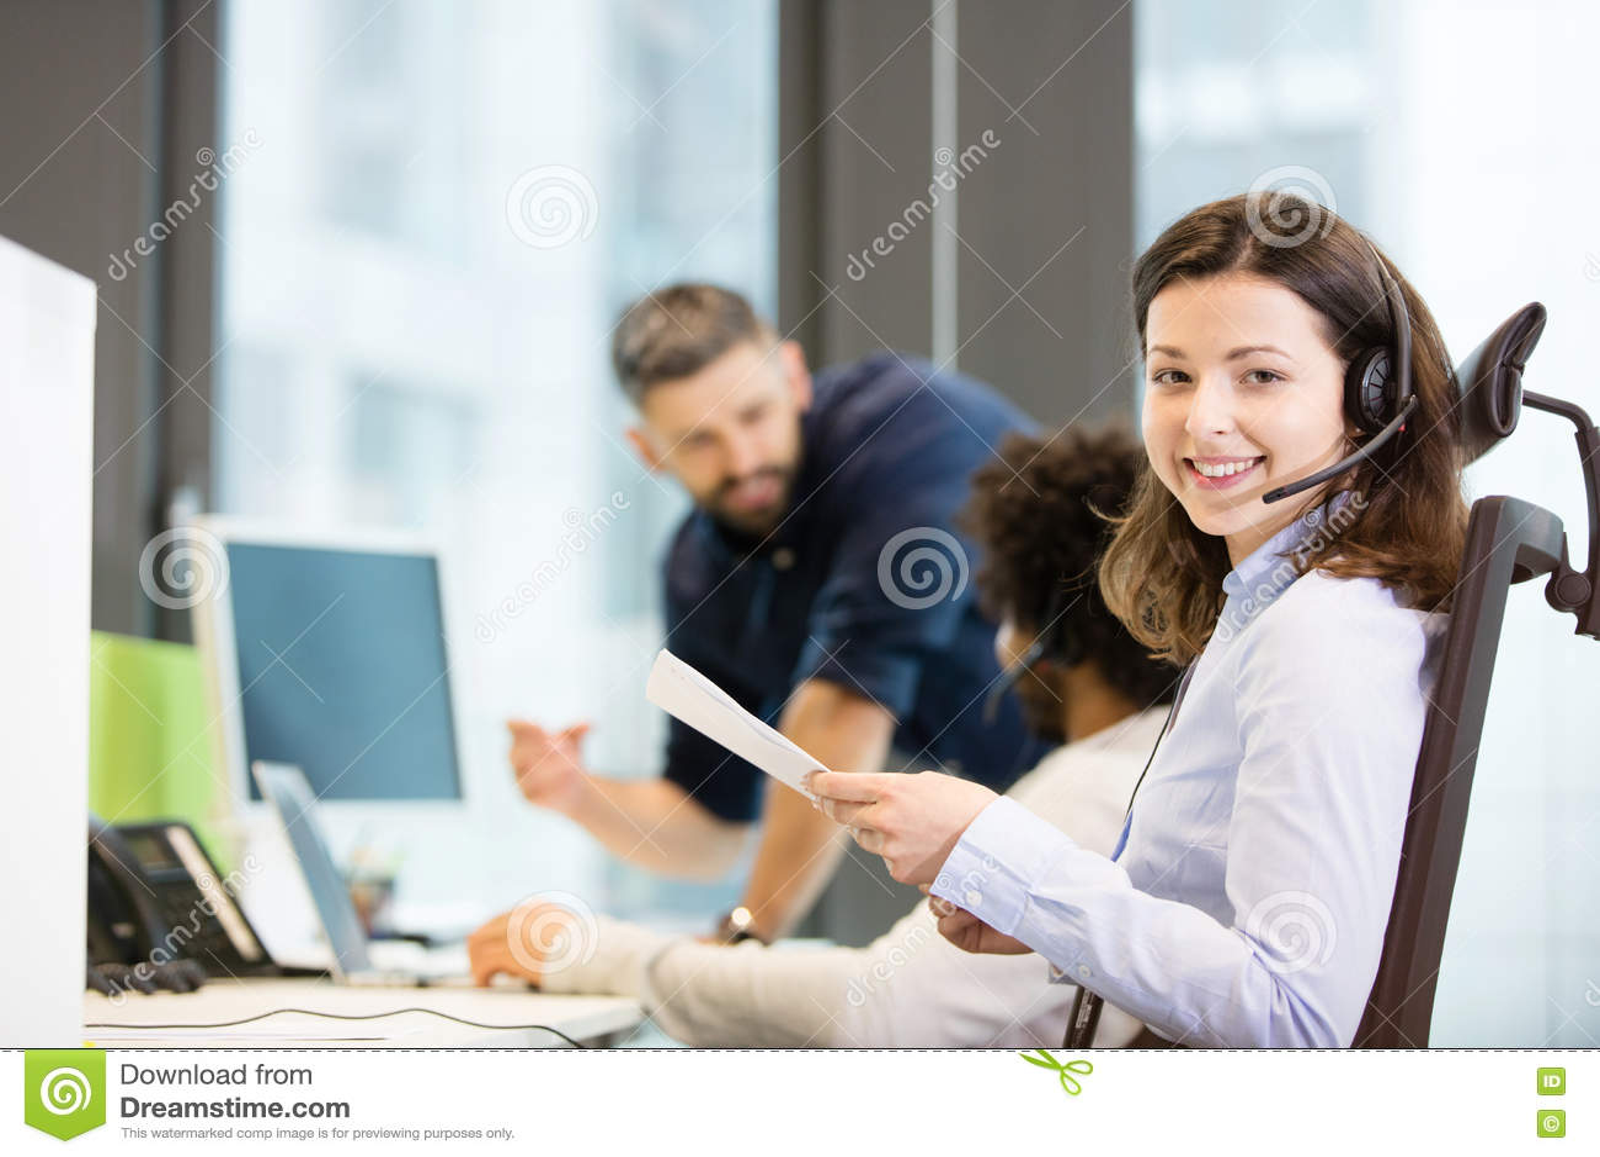 Stående av att le dokument för innehav för kundtjänstrepresentant med kollegor i bakgrund på kontoret